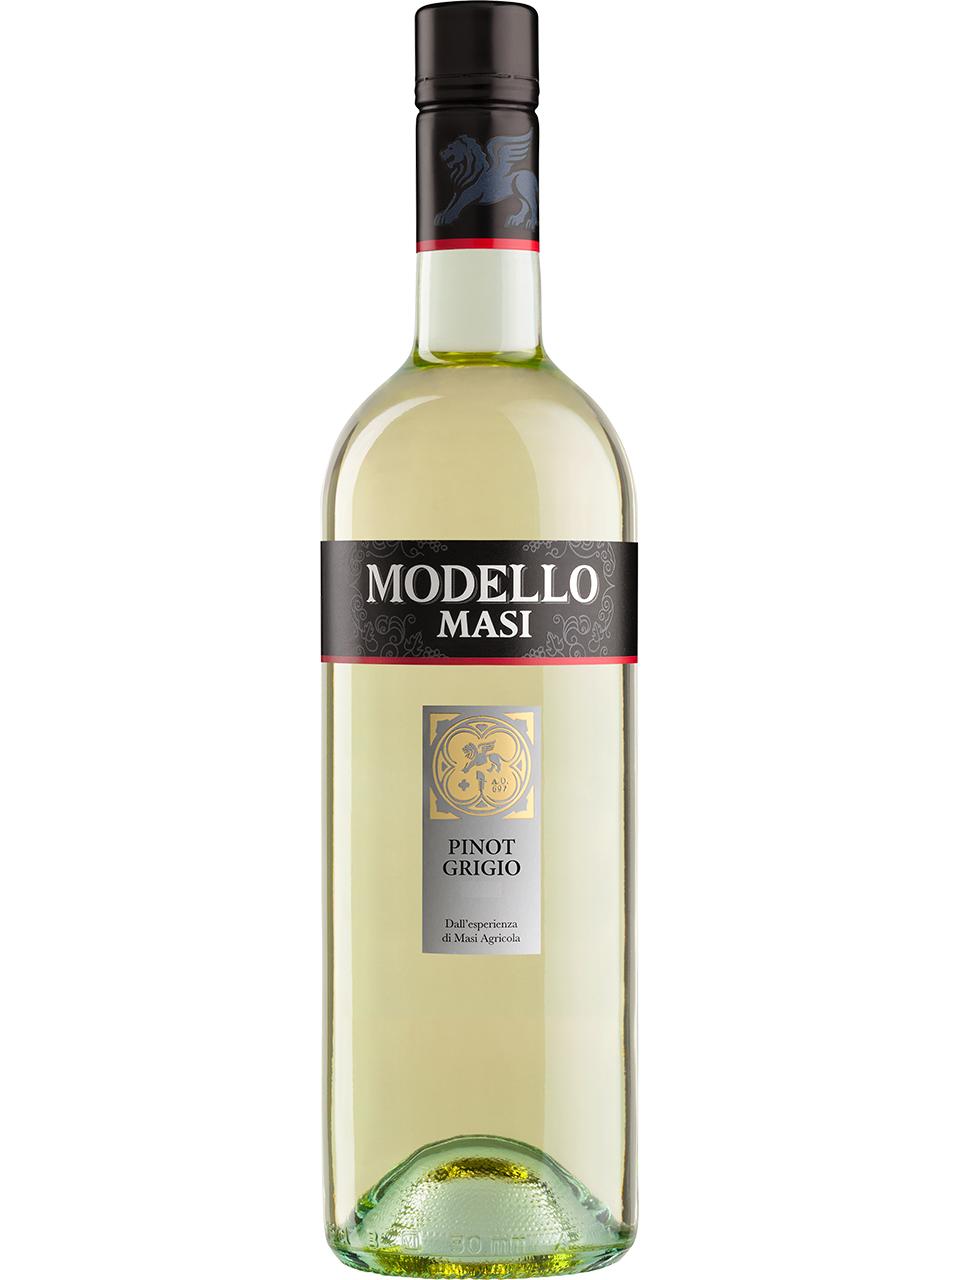 Masi Modello Pinot Grigio